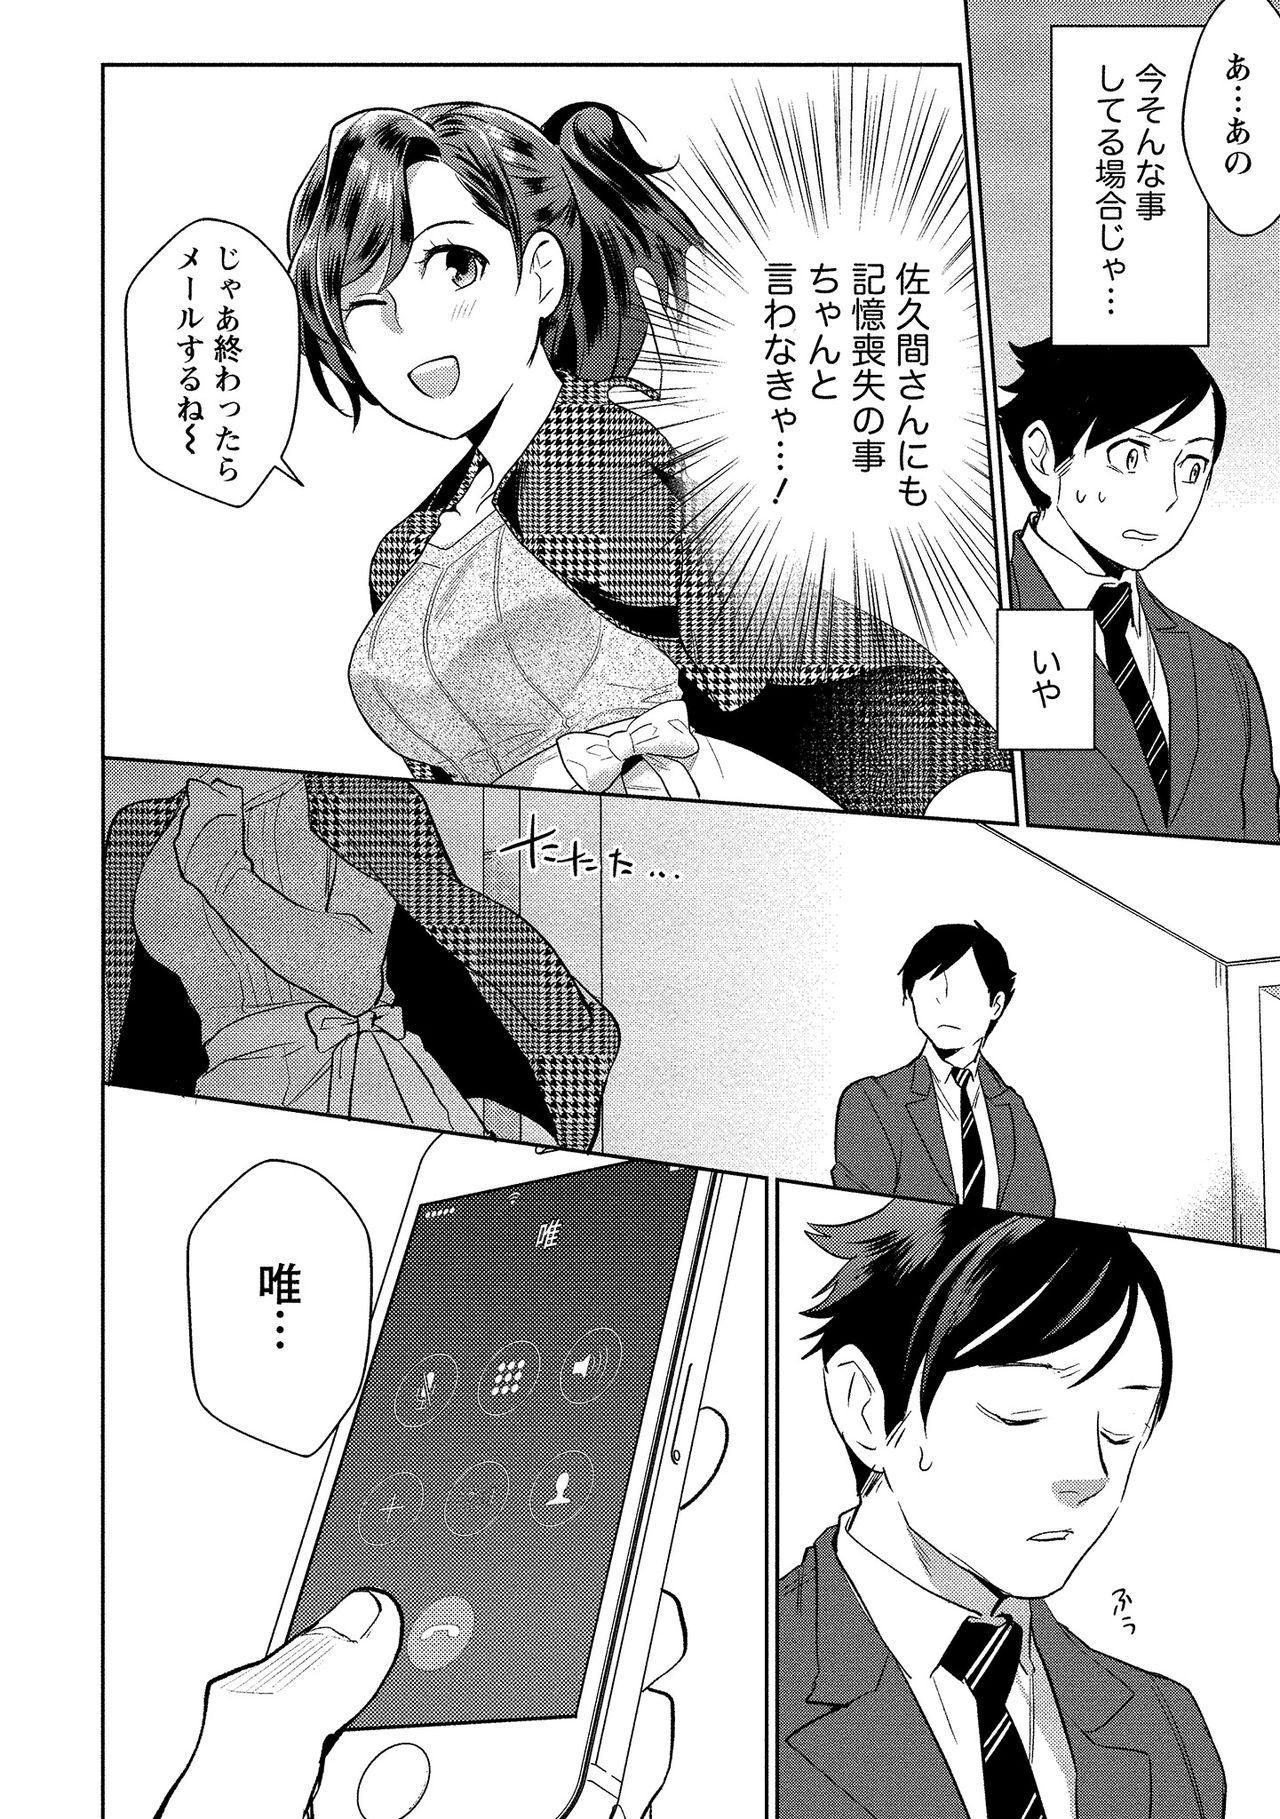 Dorobou Neko wa Kanojo no Hajimari 158